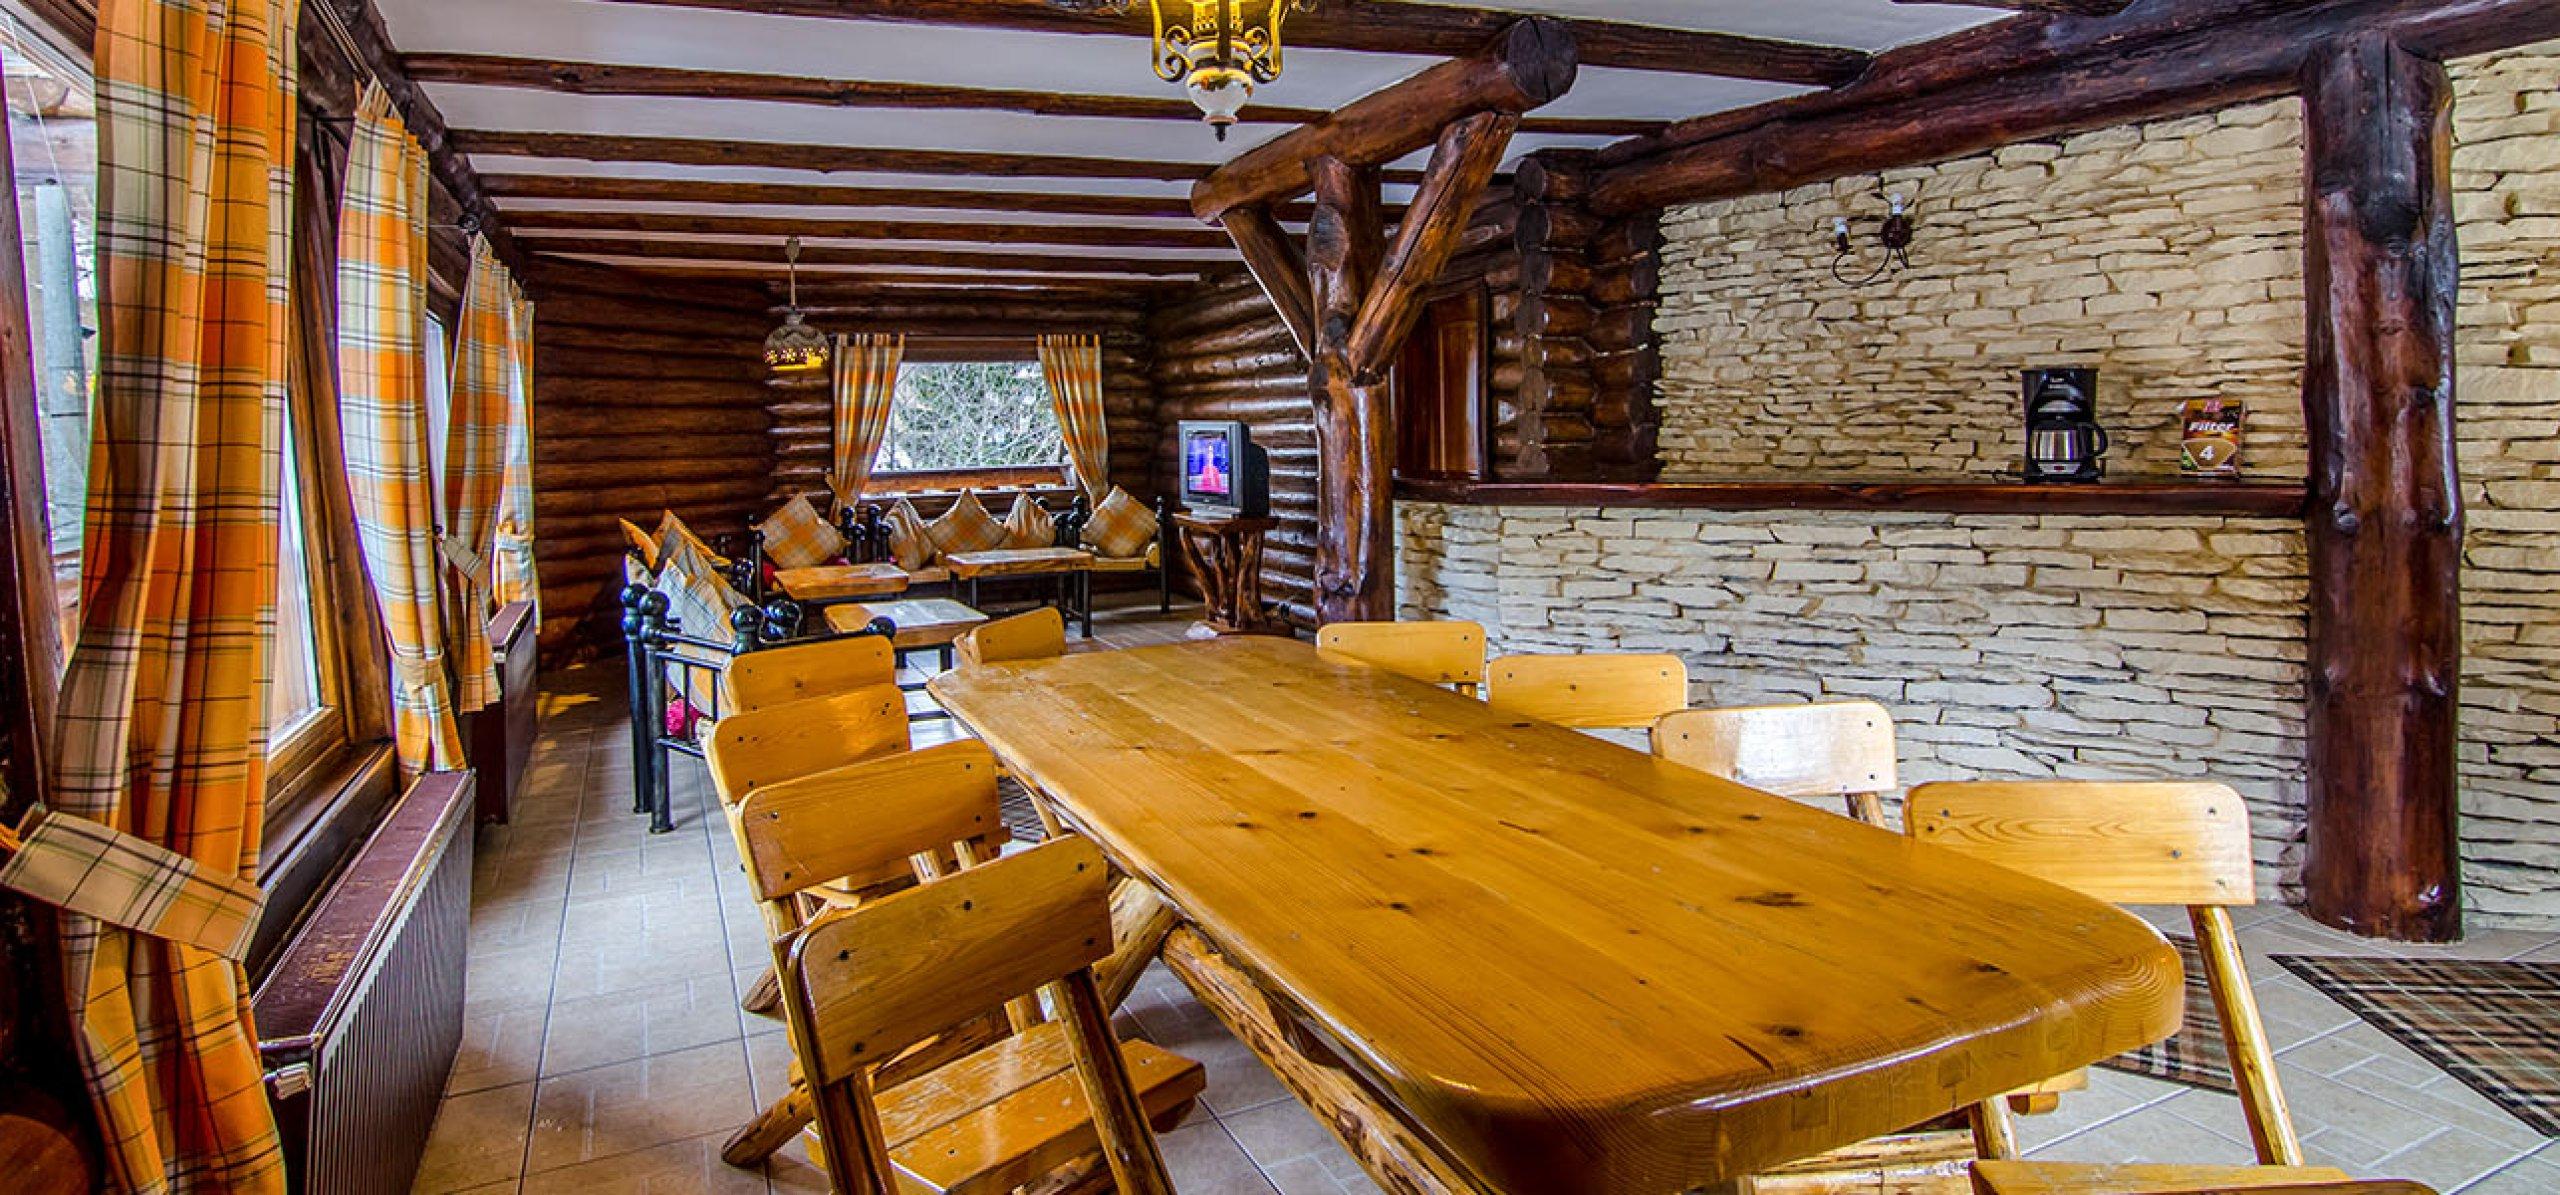 vila-de-lemn-interior-cazare-in-moeciu